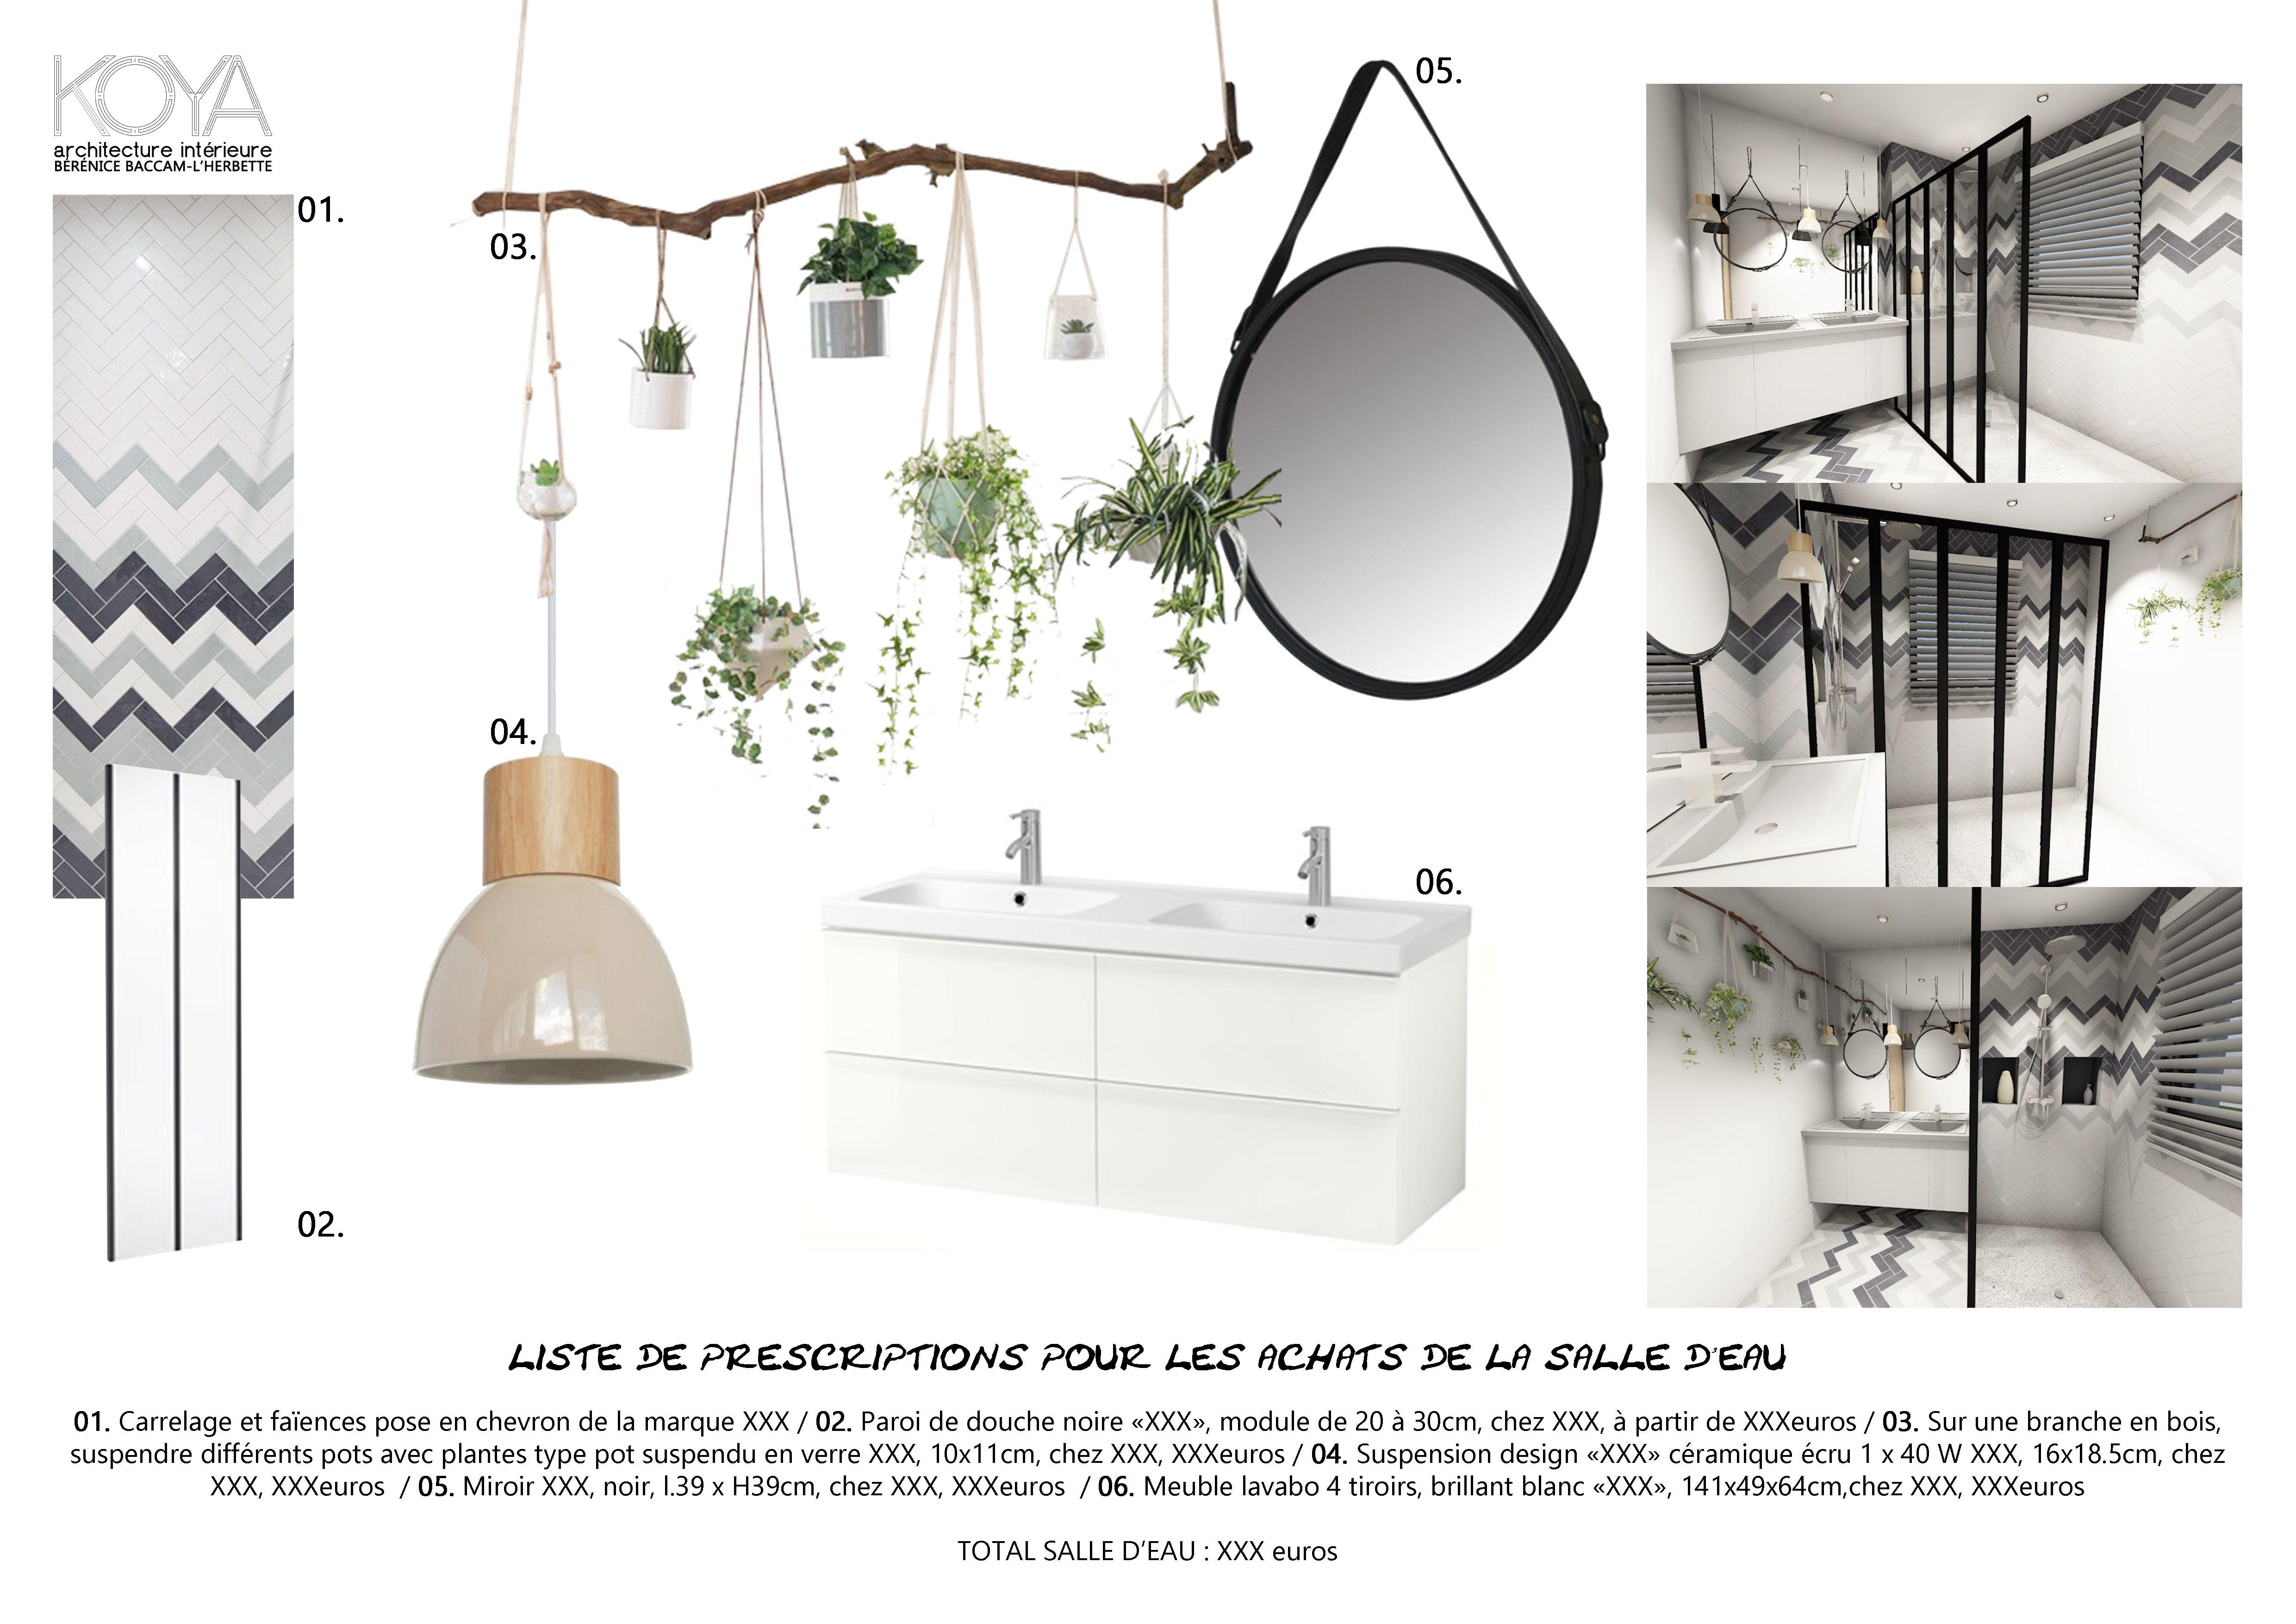 planche d coration shopping d 39 une salle de bain fa on hygge et scandinave un beau carrelage. Black Bedroom Furniture Sets. Home Design Ideas